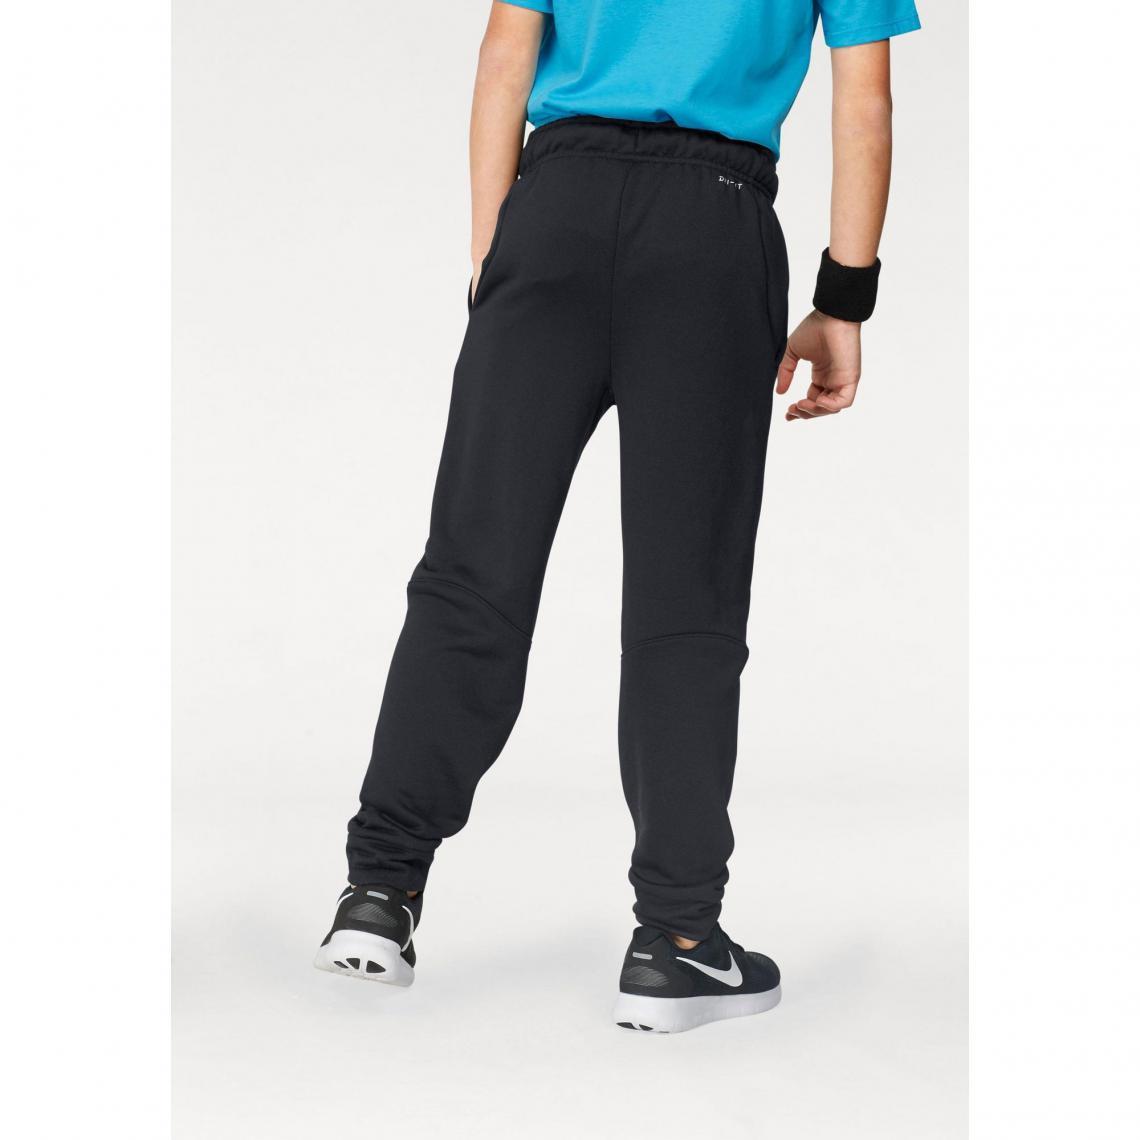 d485c1ce5ef05 Pantalon de survêtement garçon Nike - Noir